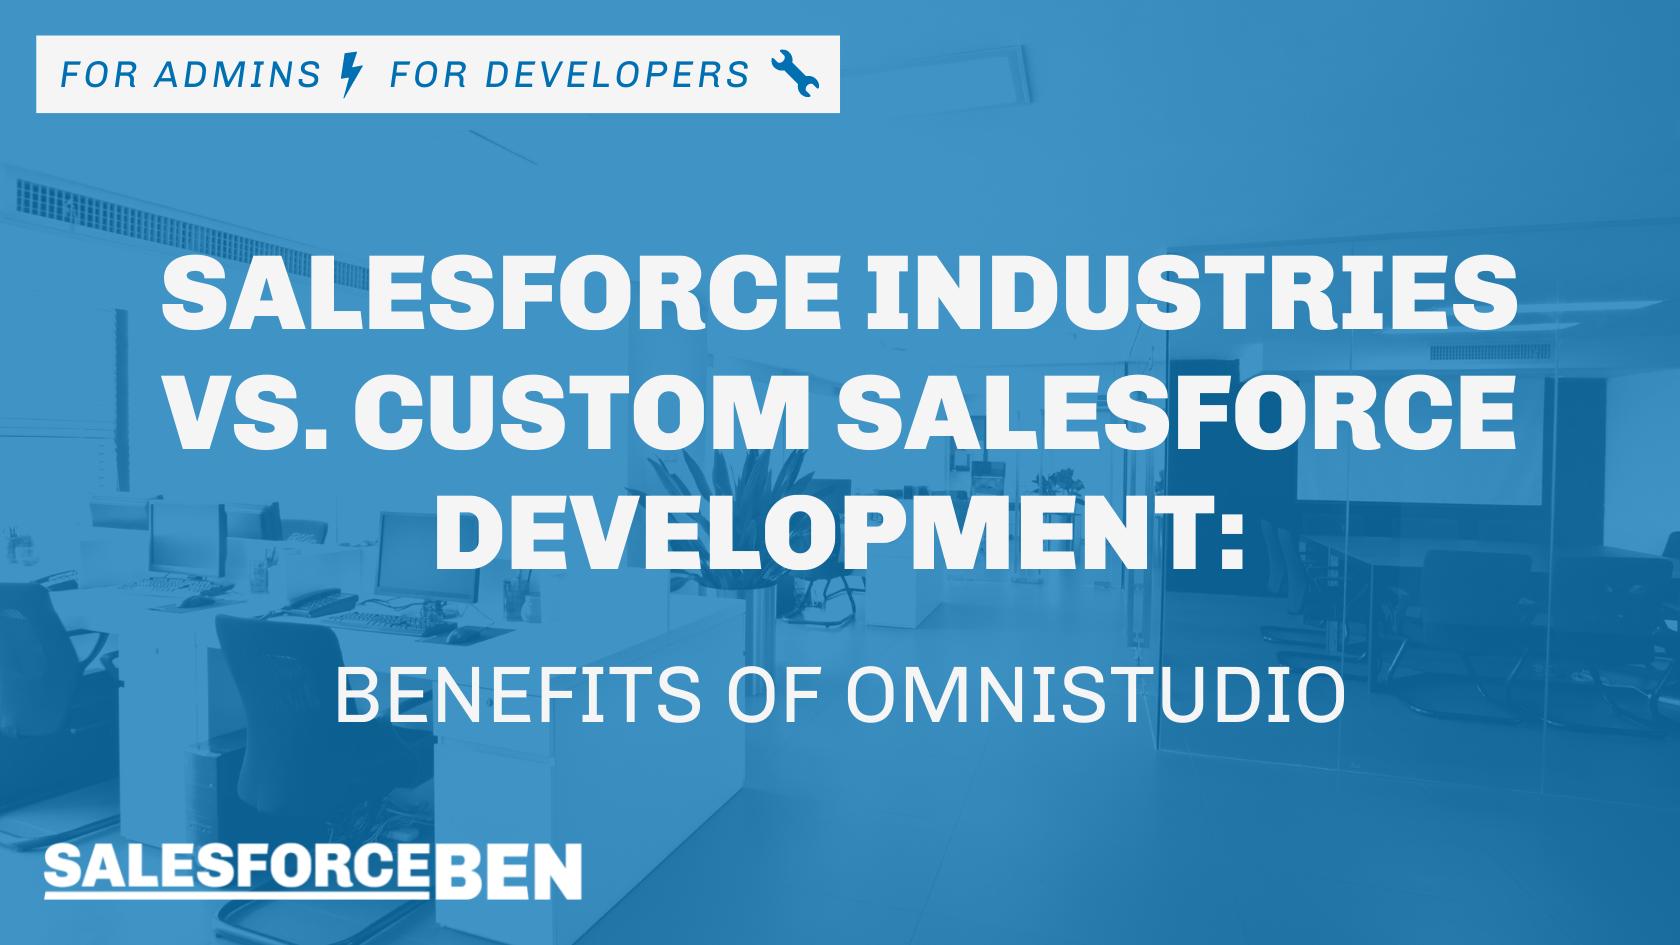 Salesforce Industries vs. Custom Salesforce Development: Benefits of OmniStudio